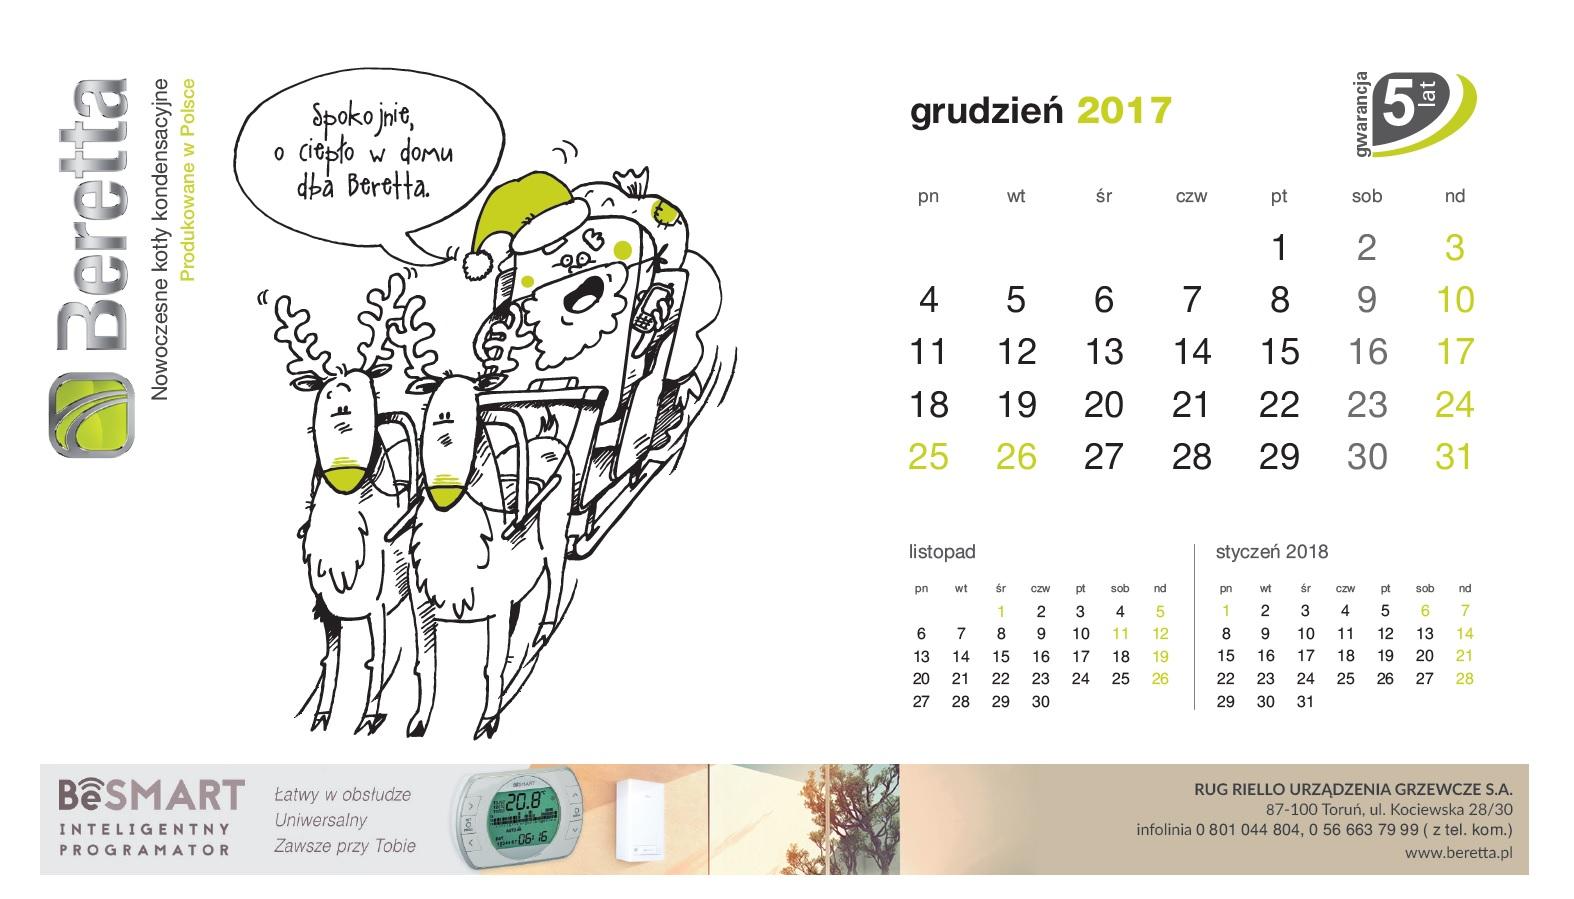 Kartka z kalendarza Baretta. Grudzień